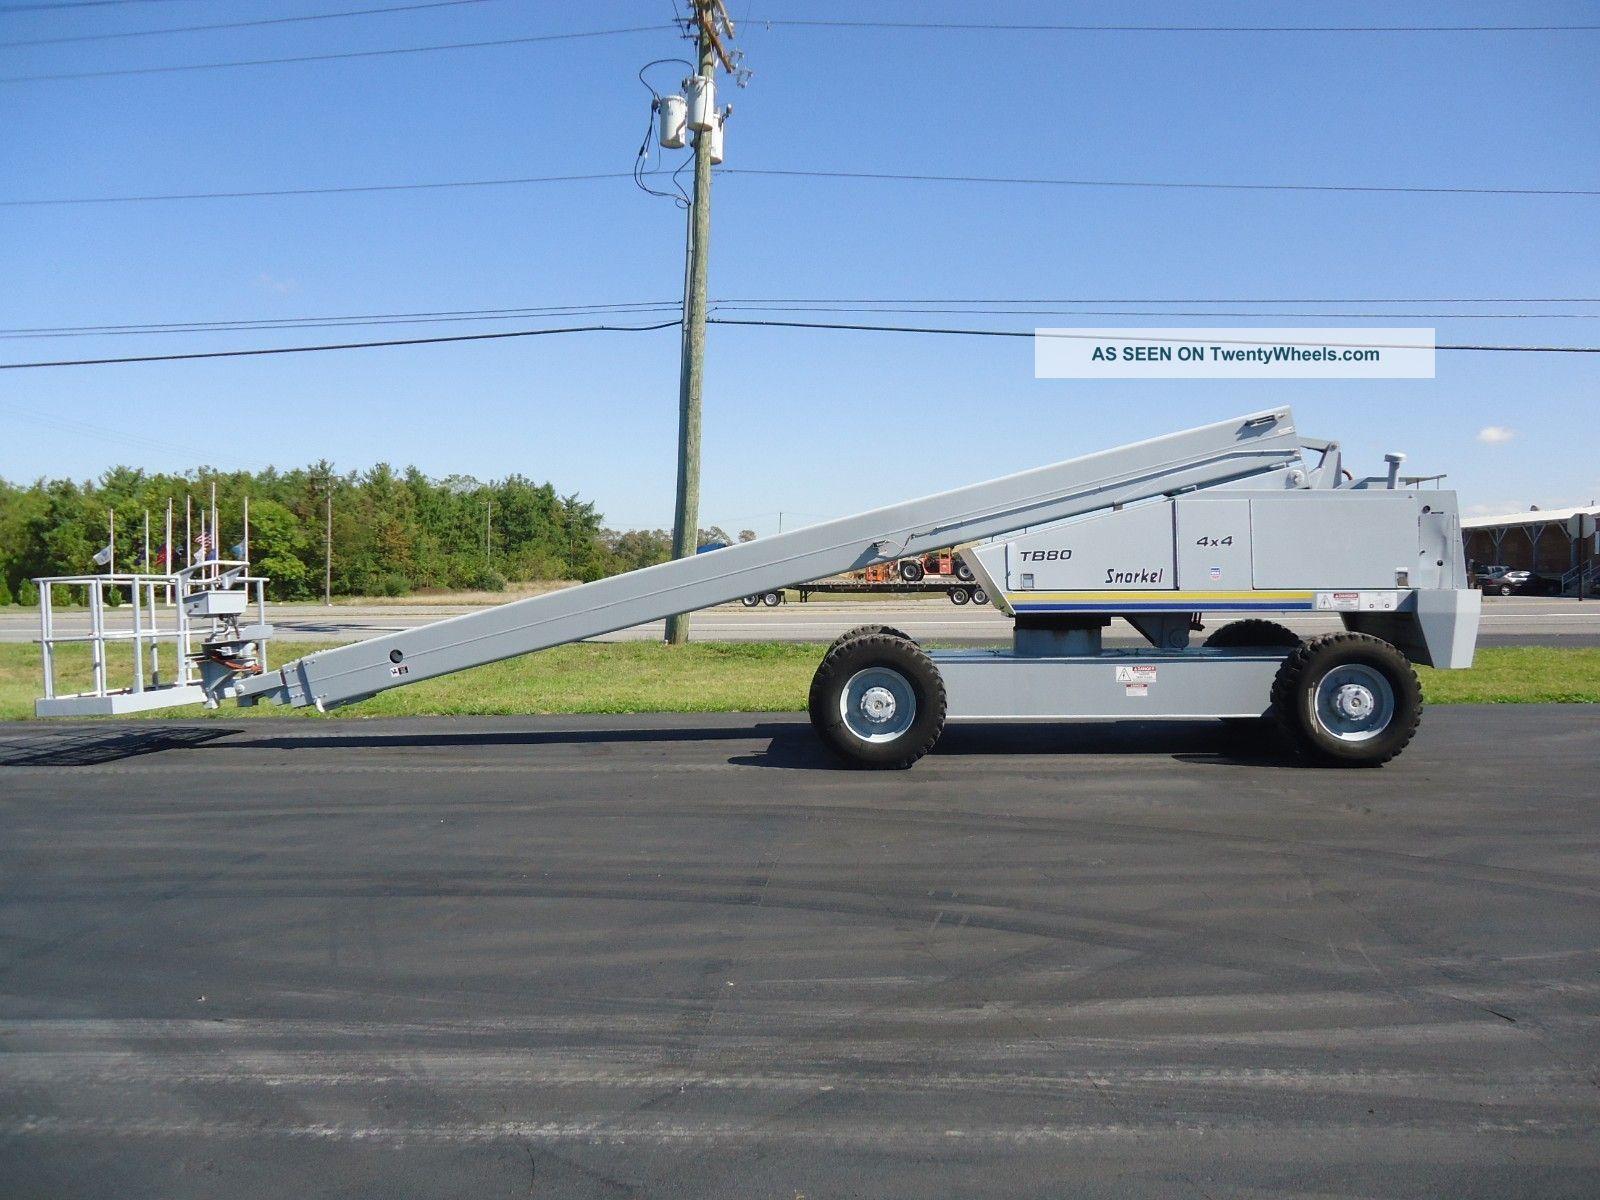 Snorkel Tba80 Boom Lift Manlift Man Aerial Boomlift Tb80 Jlg Genie Wiring Diagram